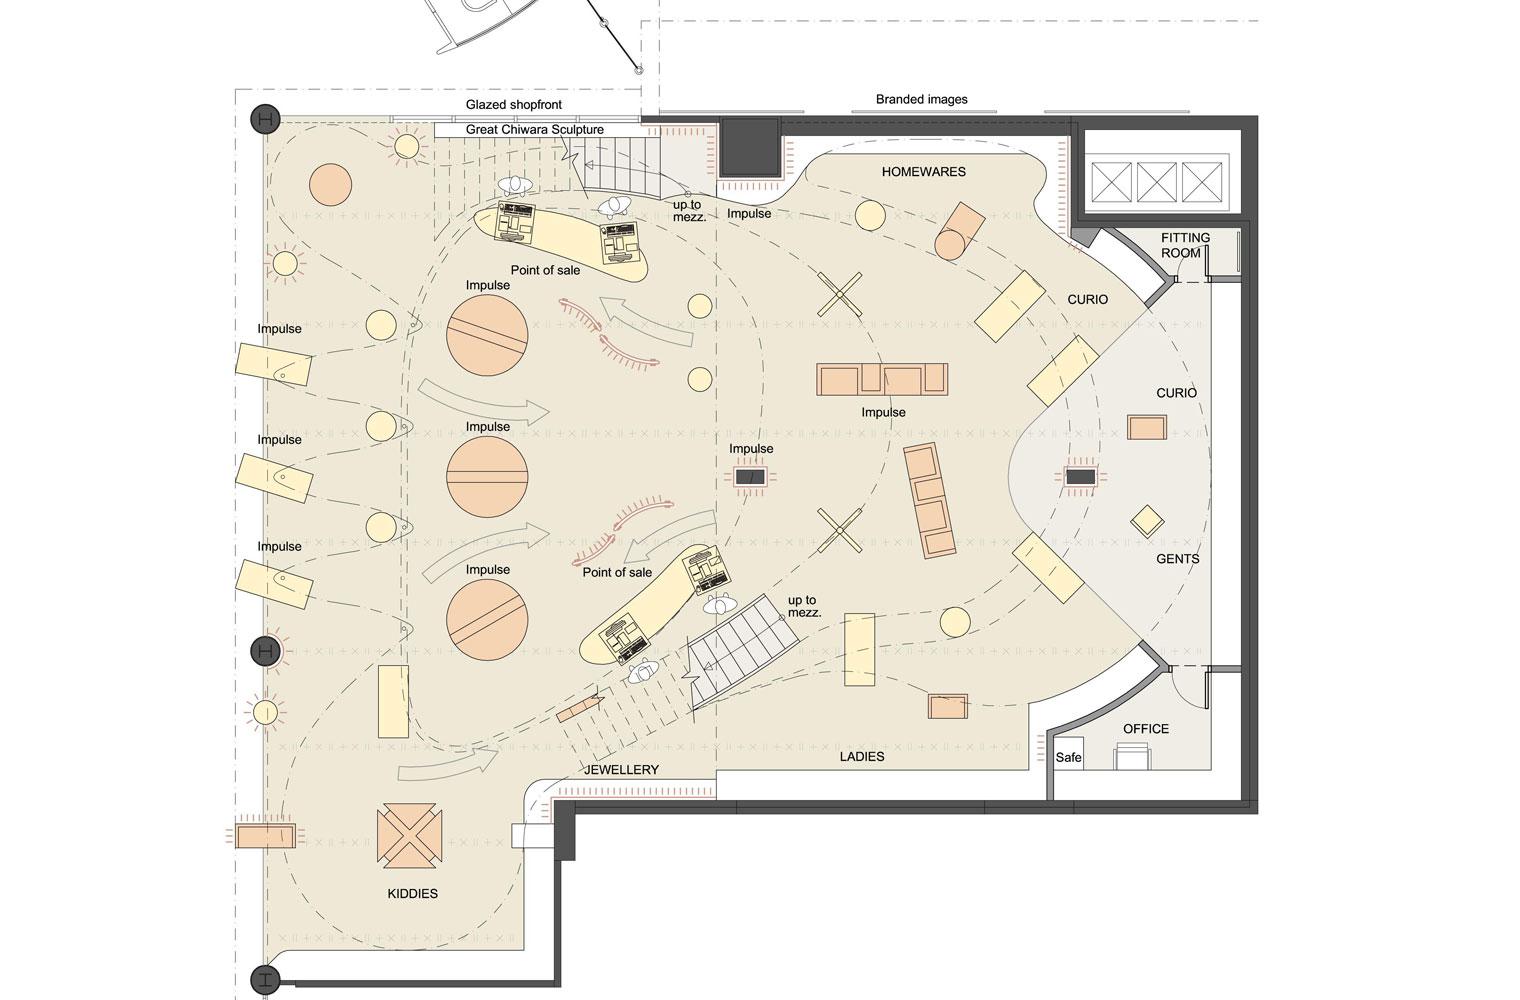 Bambara - OR Tambo, Ground Floor Plan